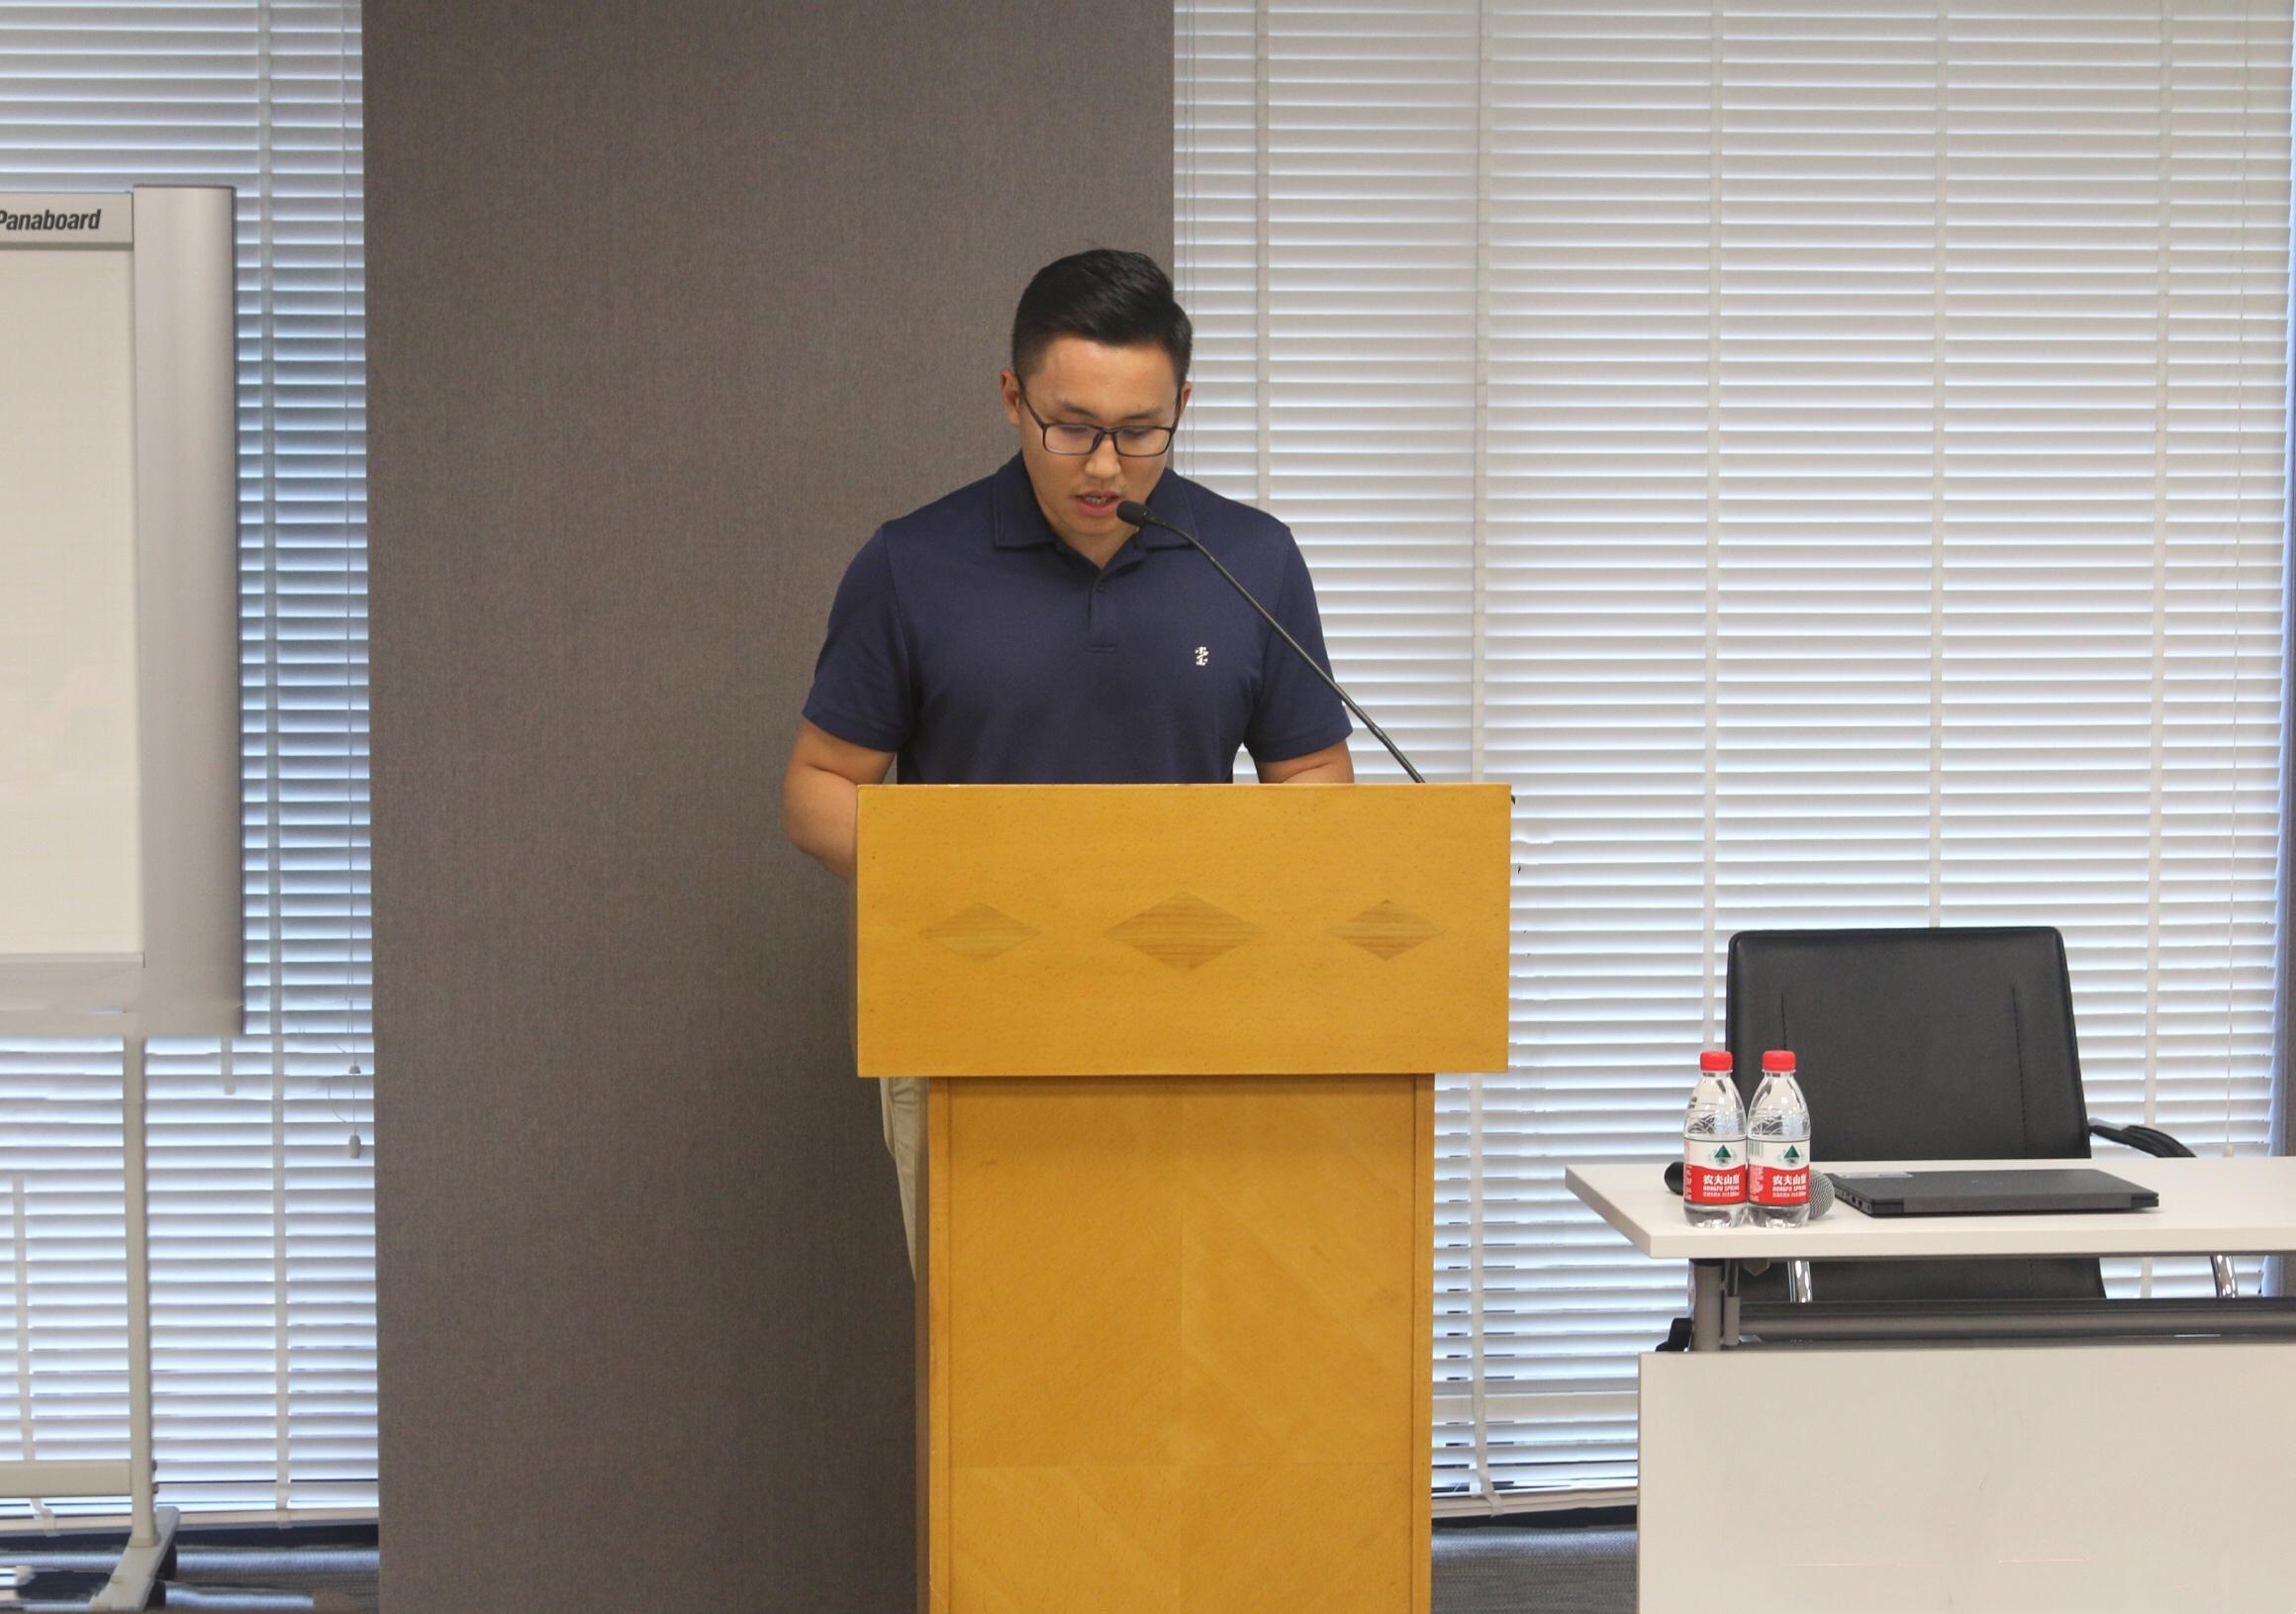 刘奇楠 - 丽水市直高中骨干英语教师专业能力(TKT)培训正式启动